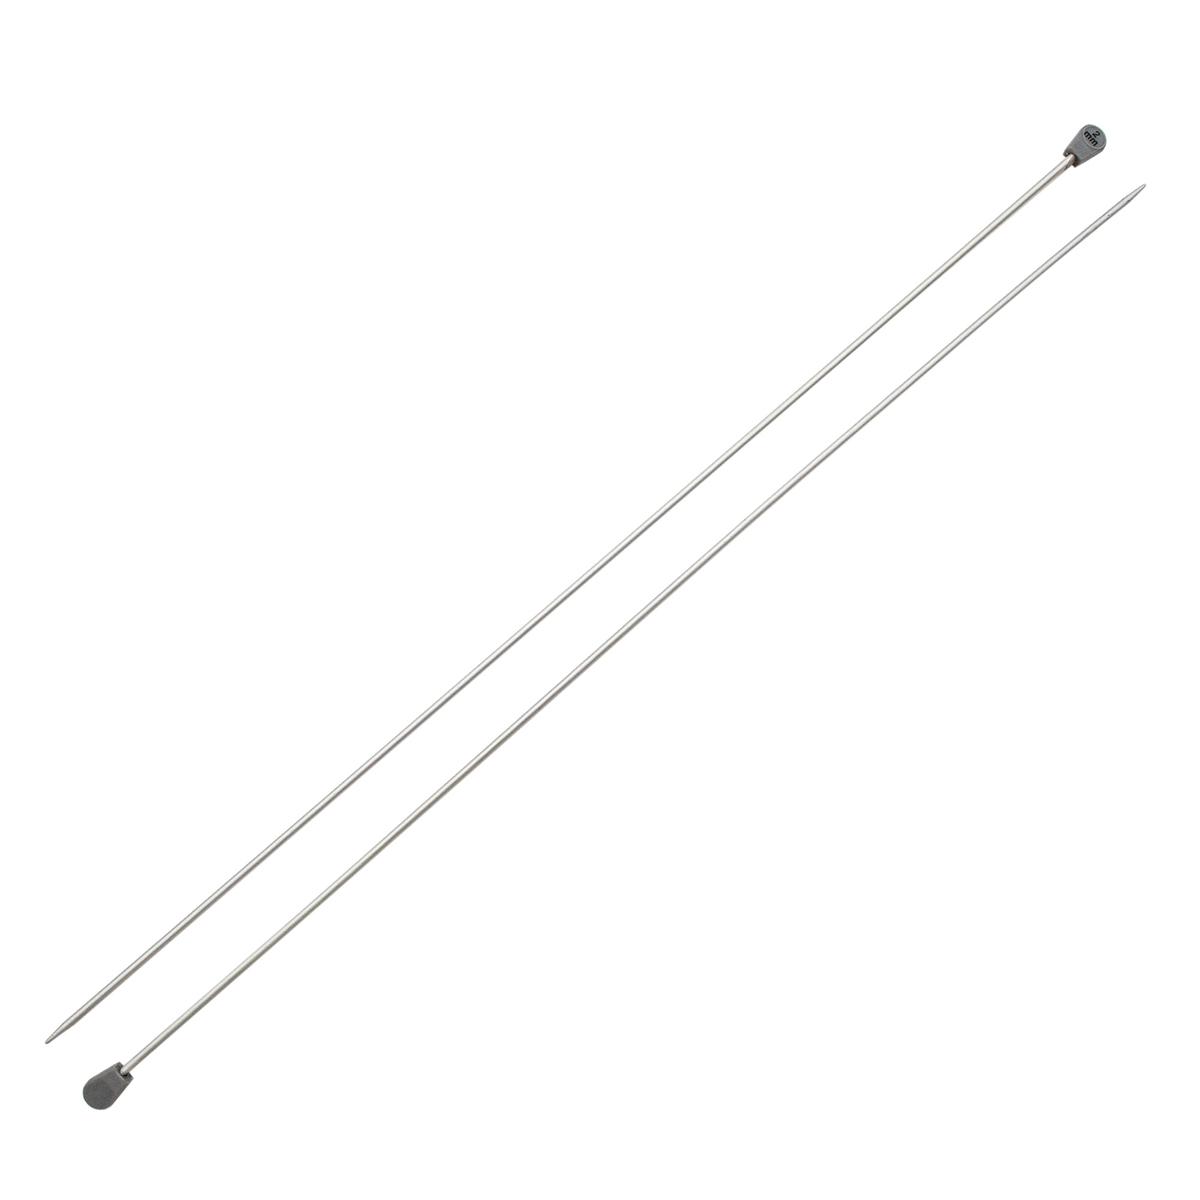 Спицы прямые алюминиевые с покрытием 940220/940202, 35 см, 2,0 мм, Hobby&Pro